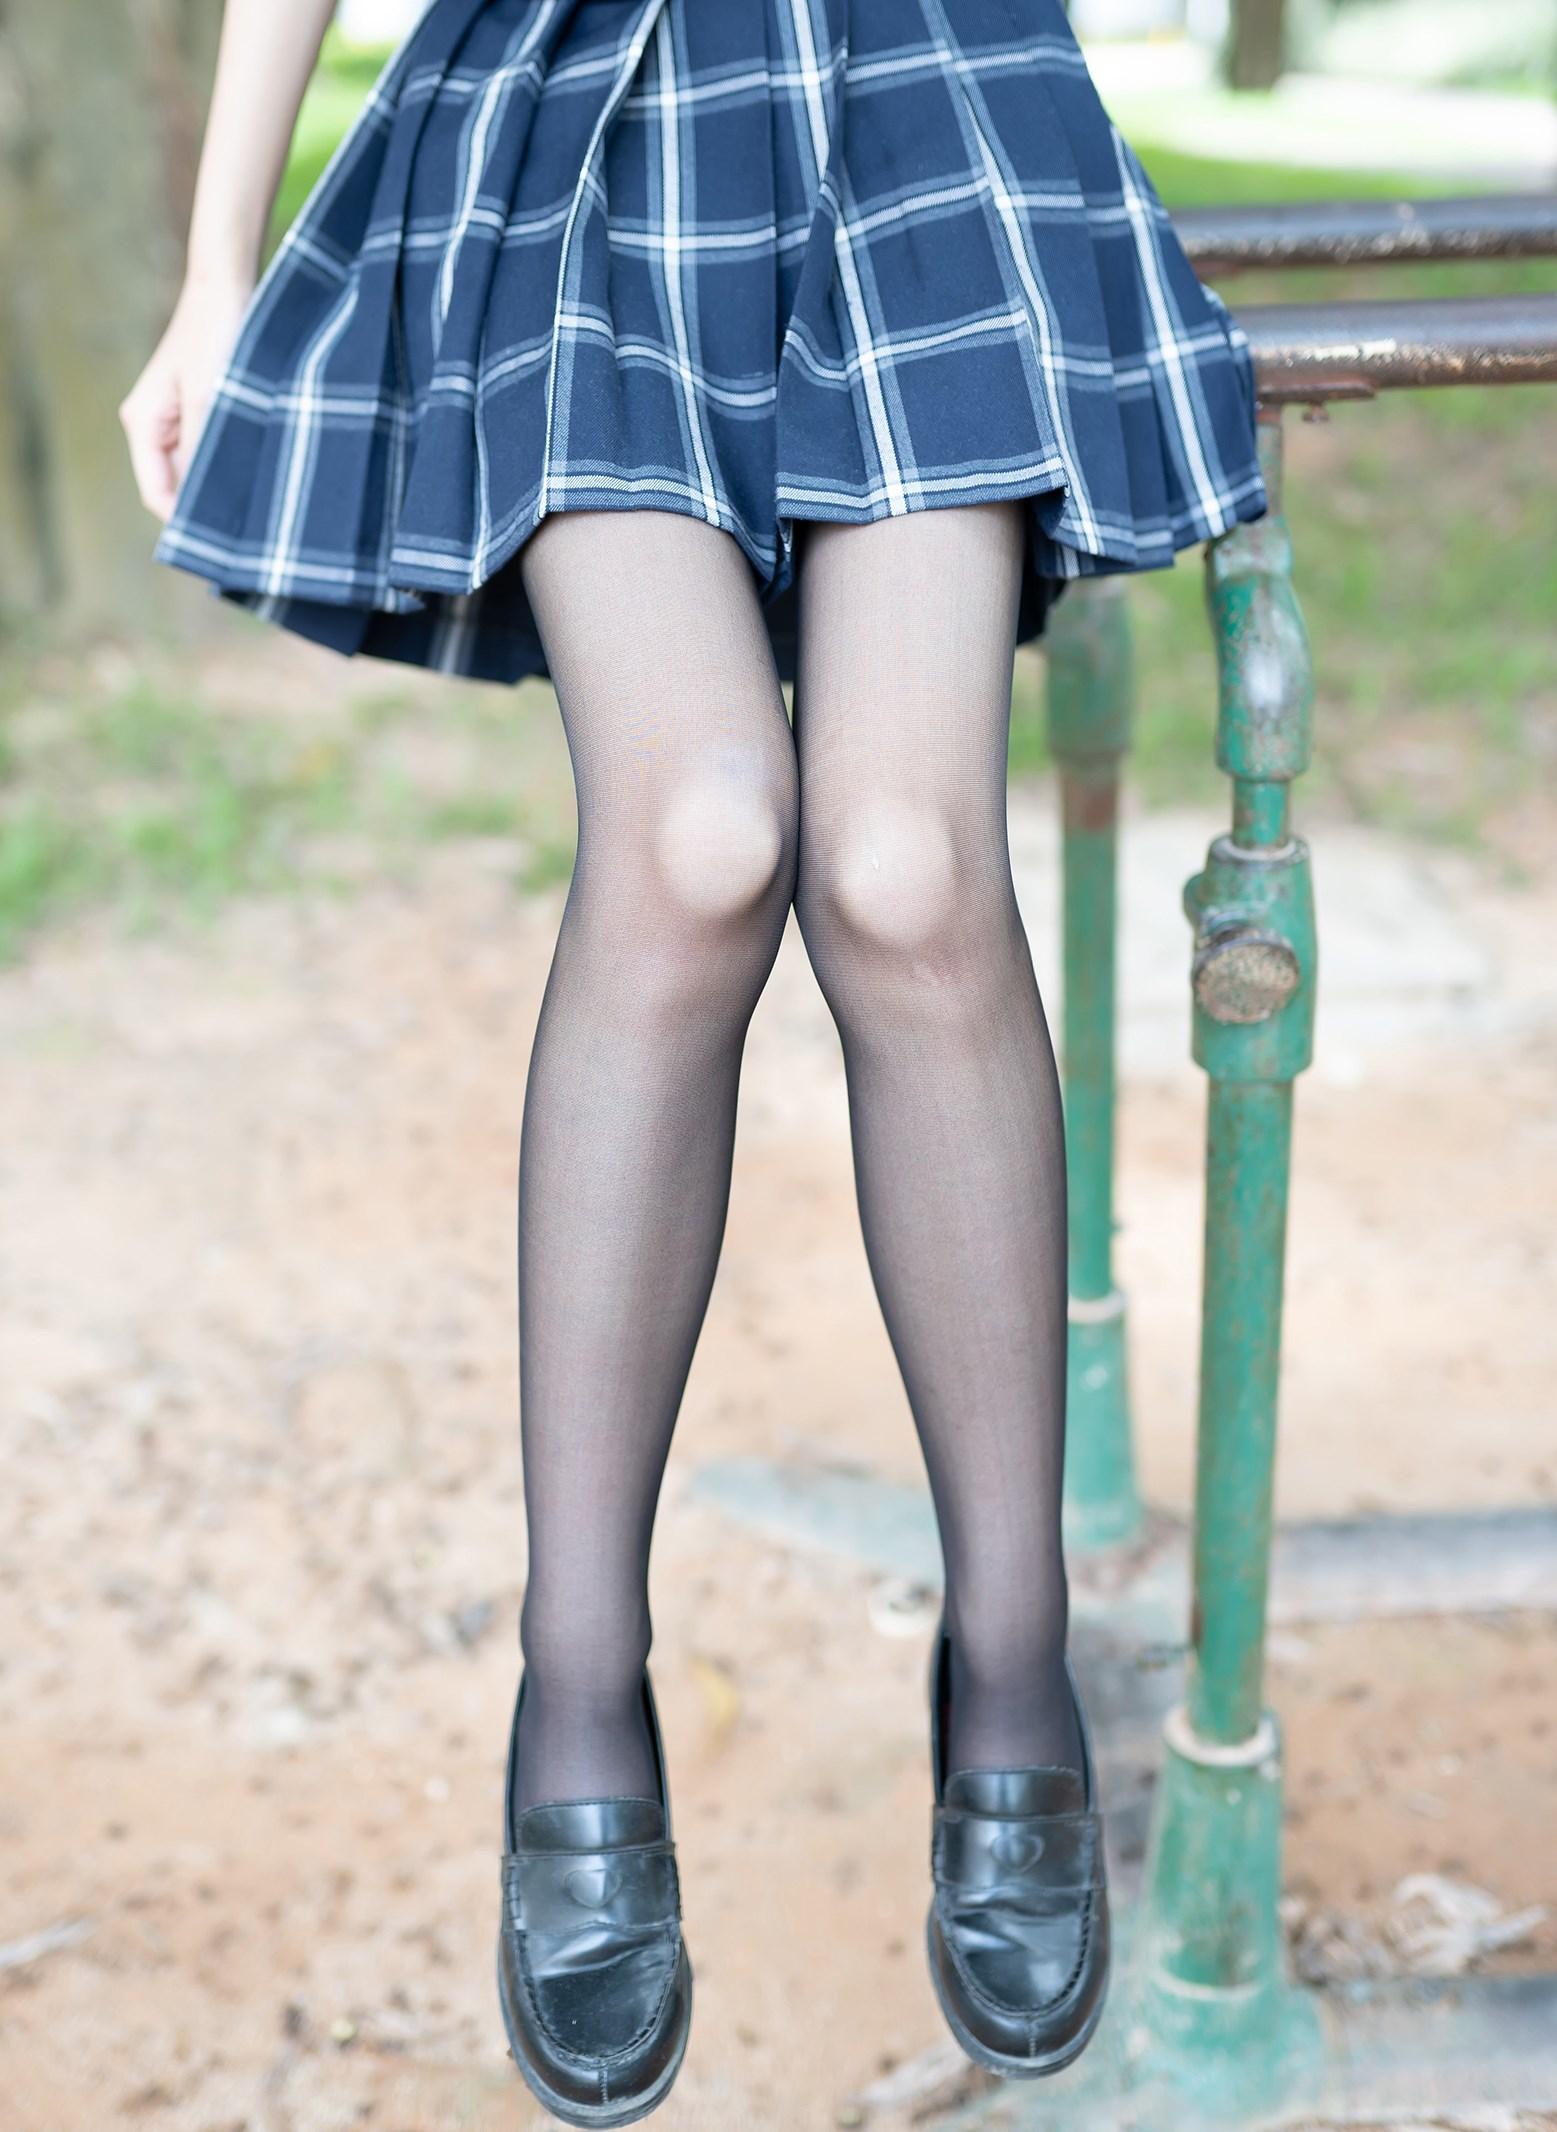 【兔玩映画】格裙黑丝 兔玩映画 第1张